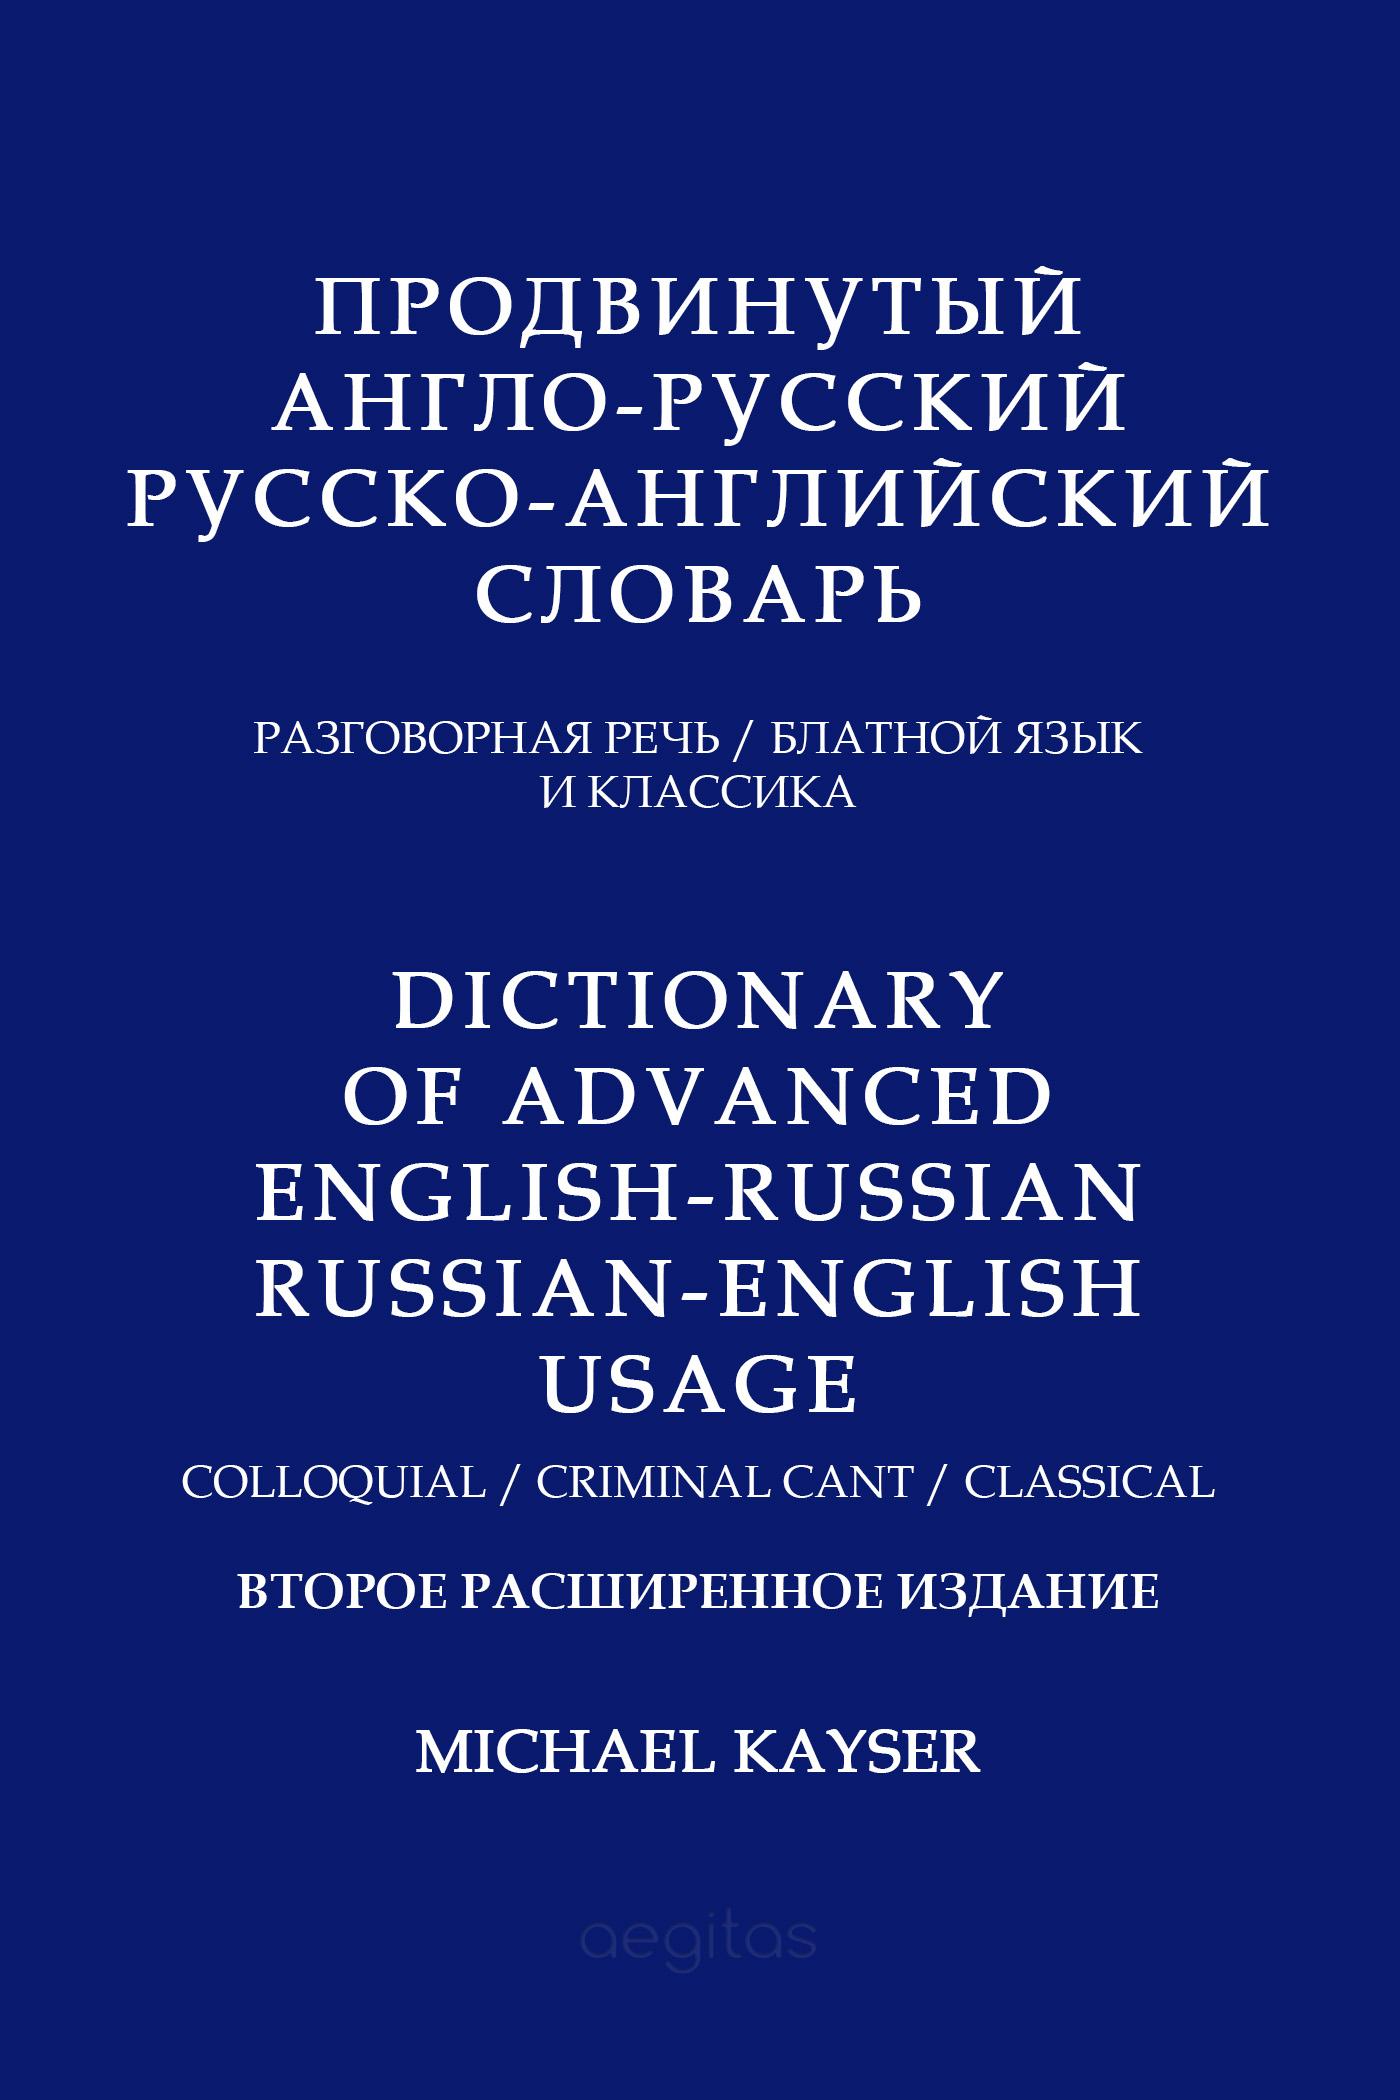 Купить книгу Продвинутый англо-русский, русско-английский словарь. Разговорная речь, блатной язык и классика, автора Майкла Кайзера